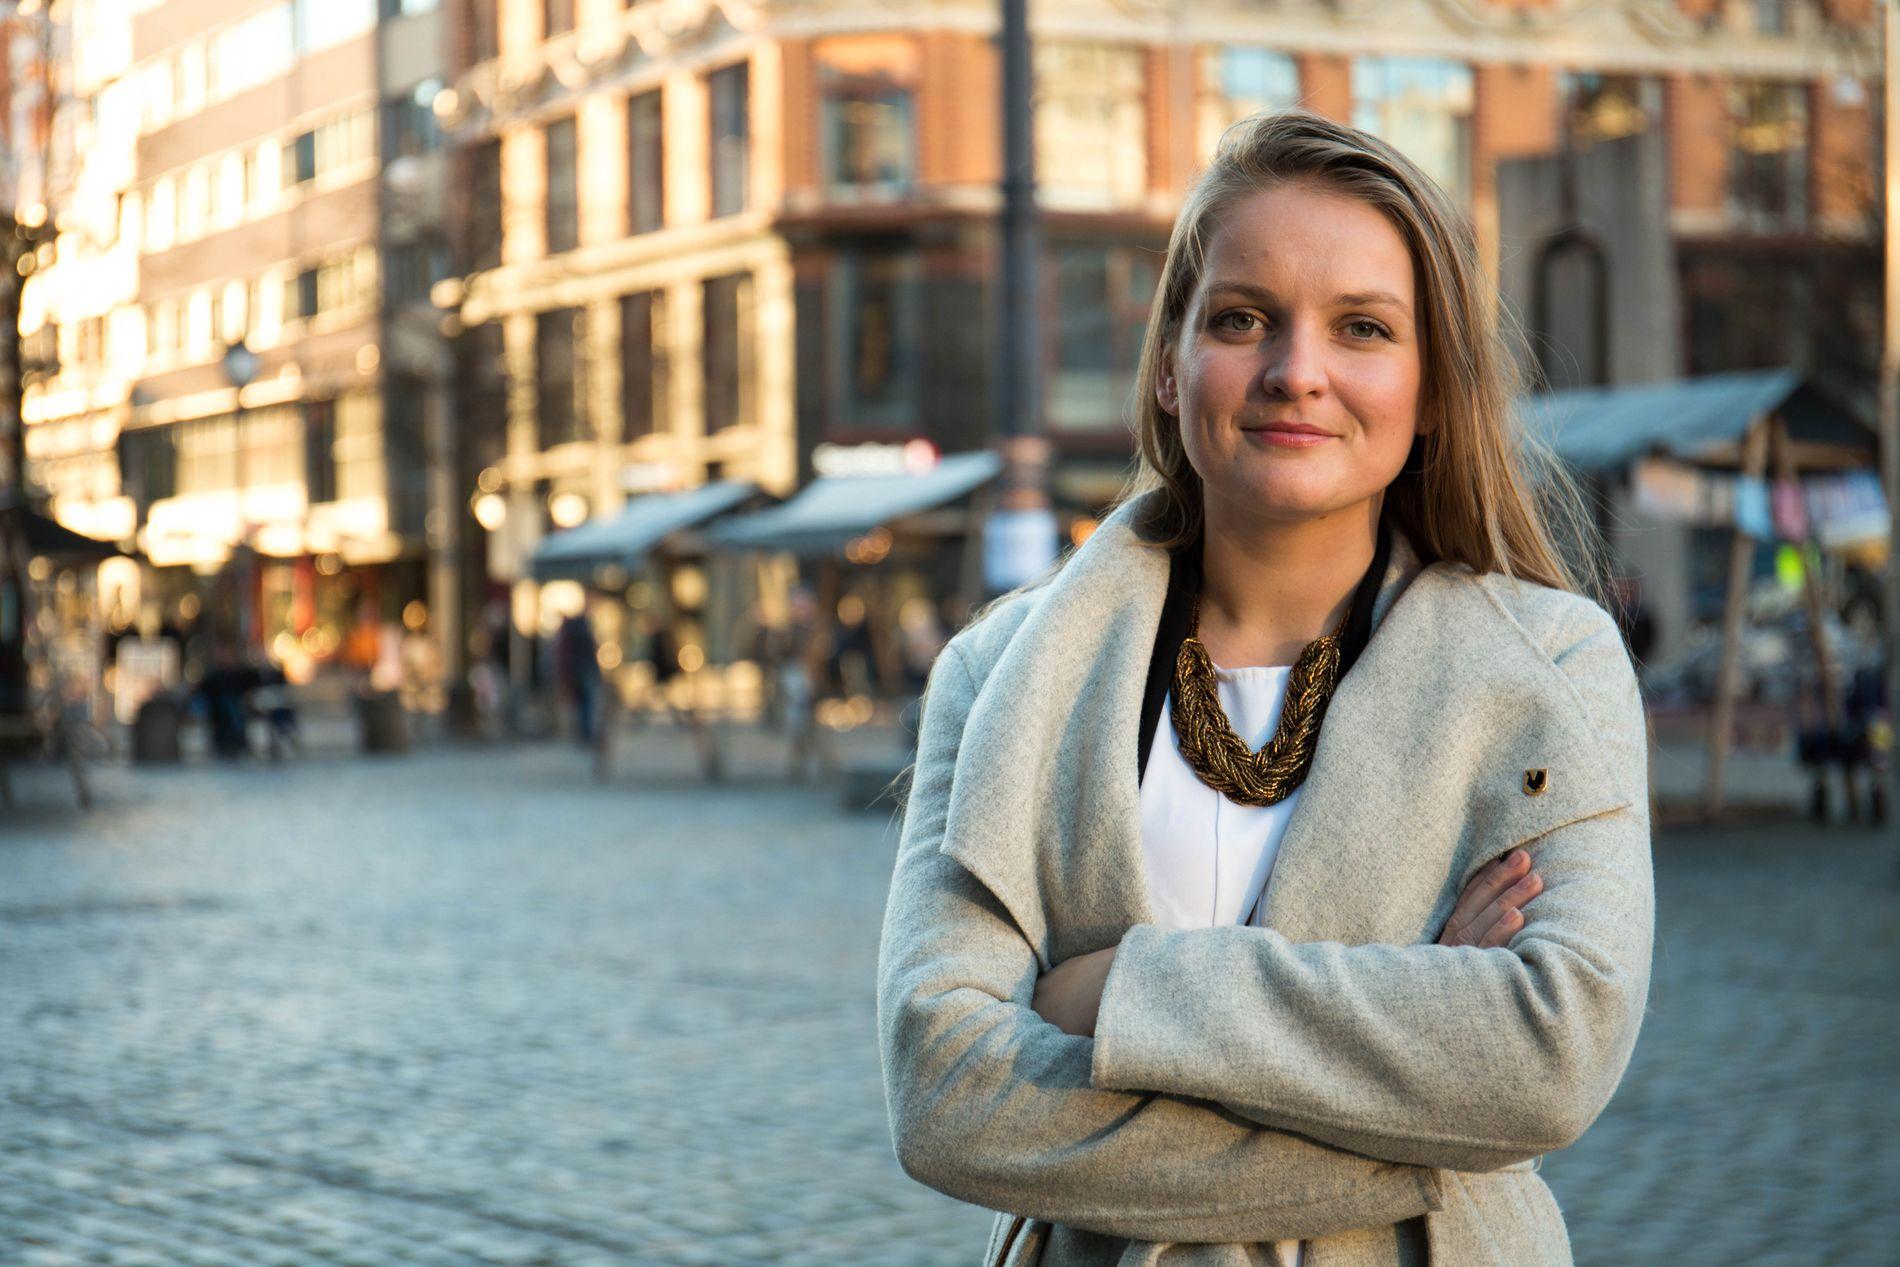 ULYKKE: Malvik-ordfører Ingrid Aune (33) mistet livet i en båtulykke natt til torsdag. Kun noen timer tidligere sendte hun en valgkamp-appell til VG.